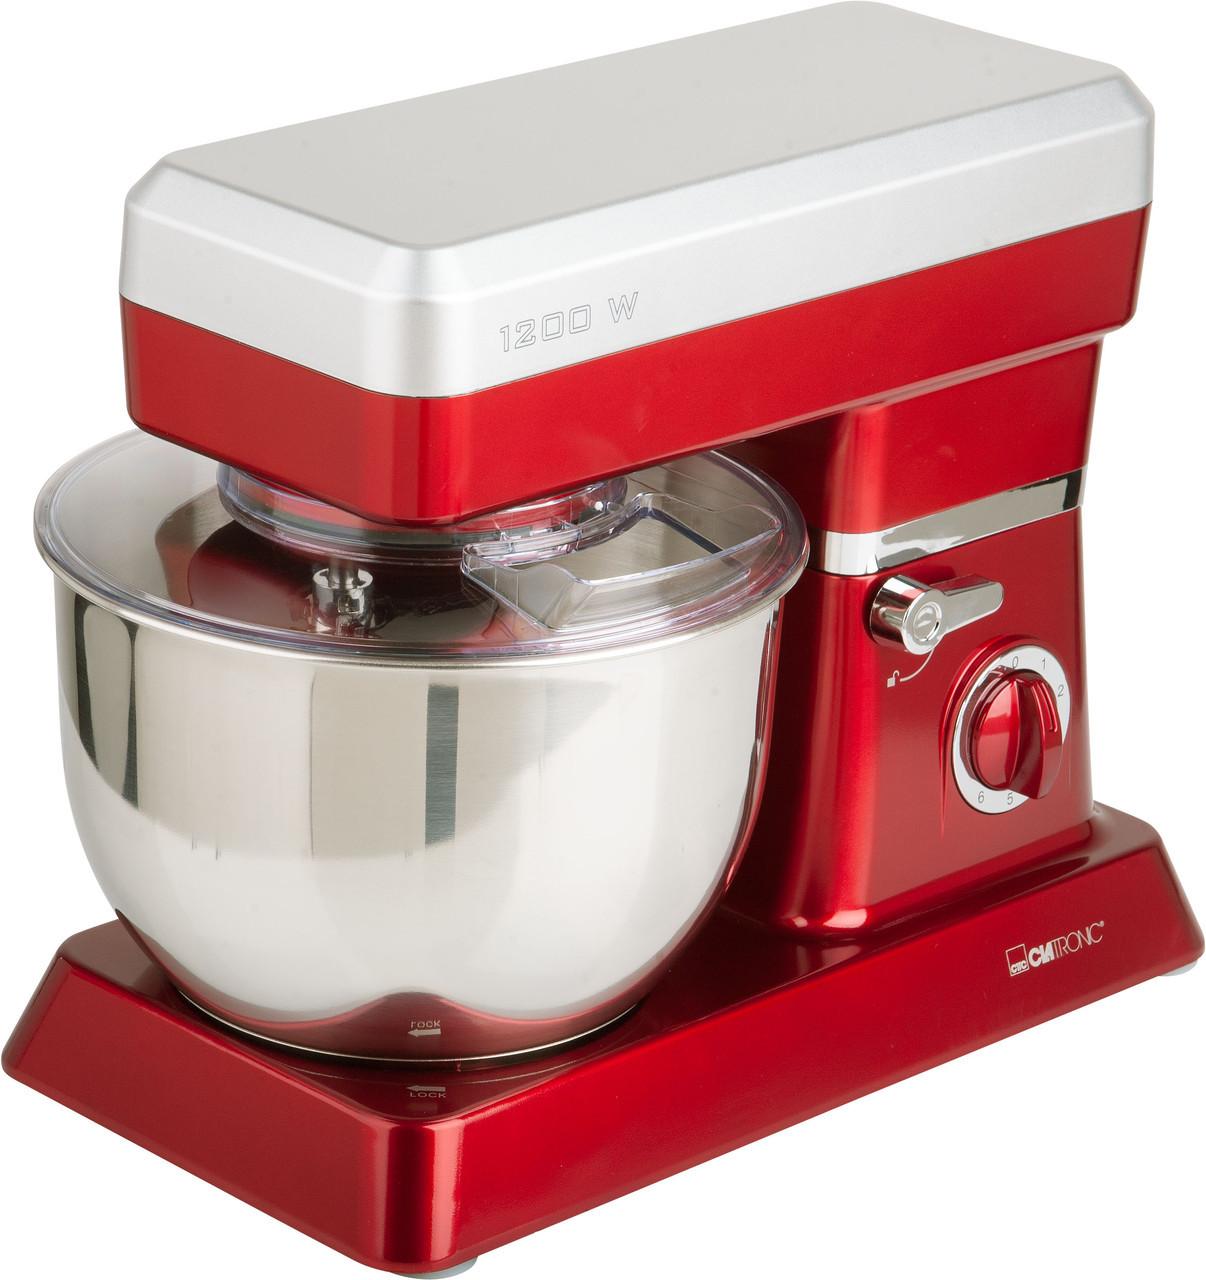 Кухонная машина (6,3 л., тестомесильная машина, планетарный миксер) CLATRONIC KM 3630 red